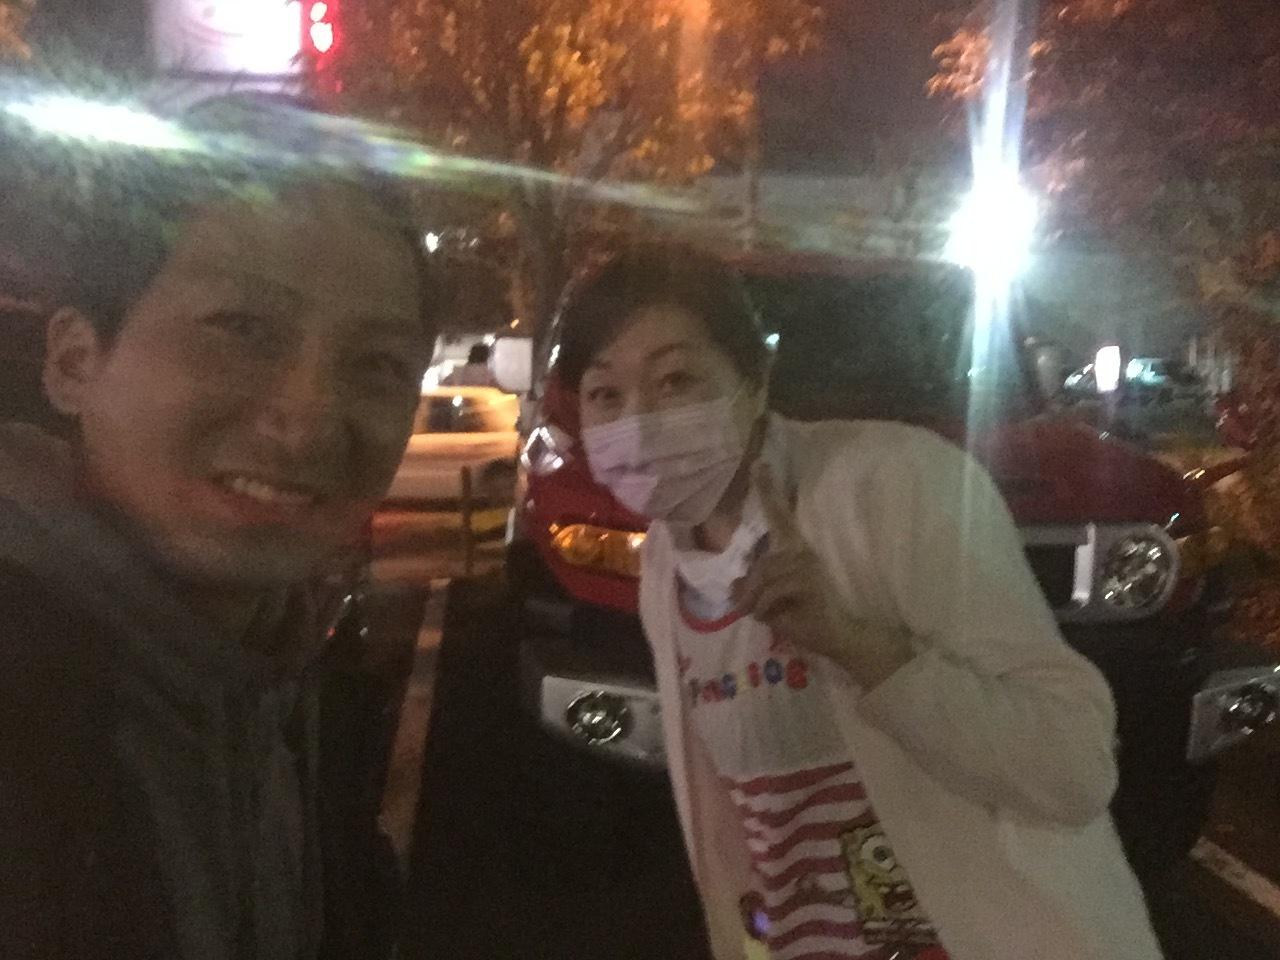 10月31日 ひとログTueヽ( 'ω' )ノ マクラーレン・GTR?!スーパーカーがTOMMYにやってきた!_b0127002_20372050.jpg